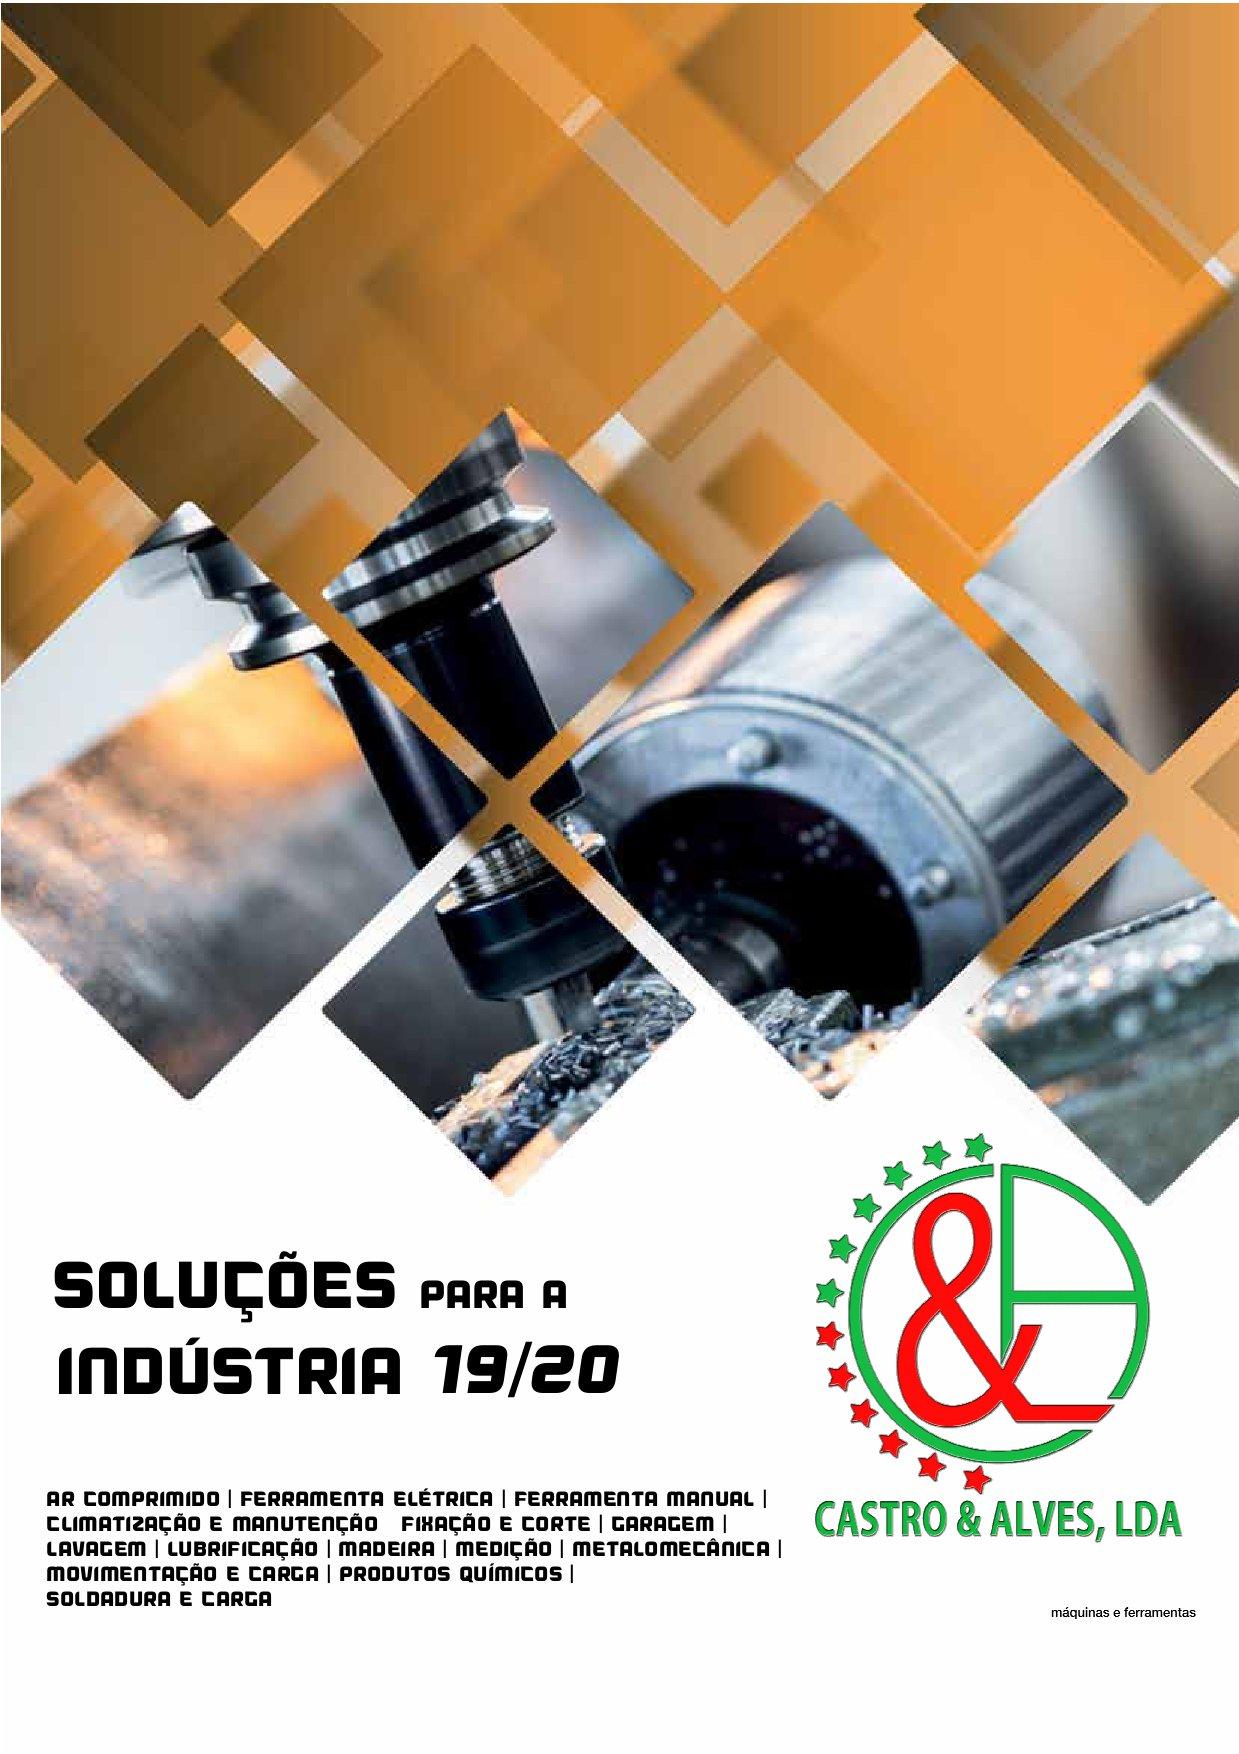 Soluções para Indústria